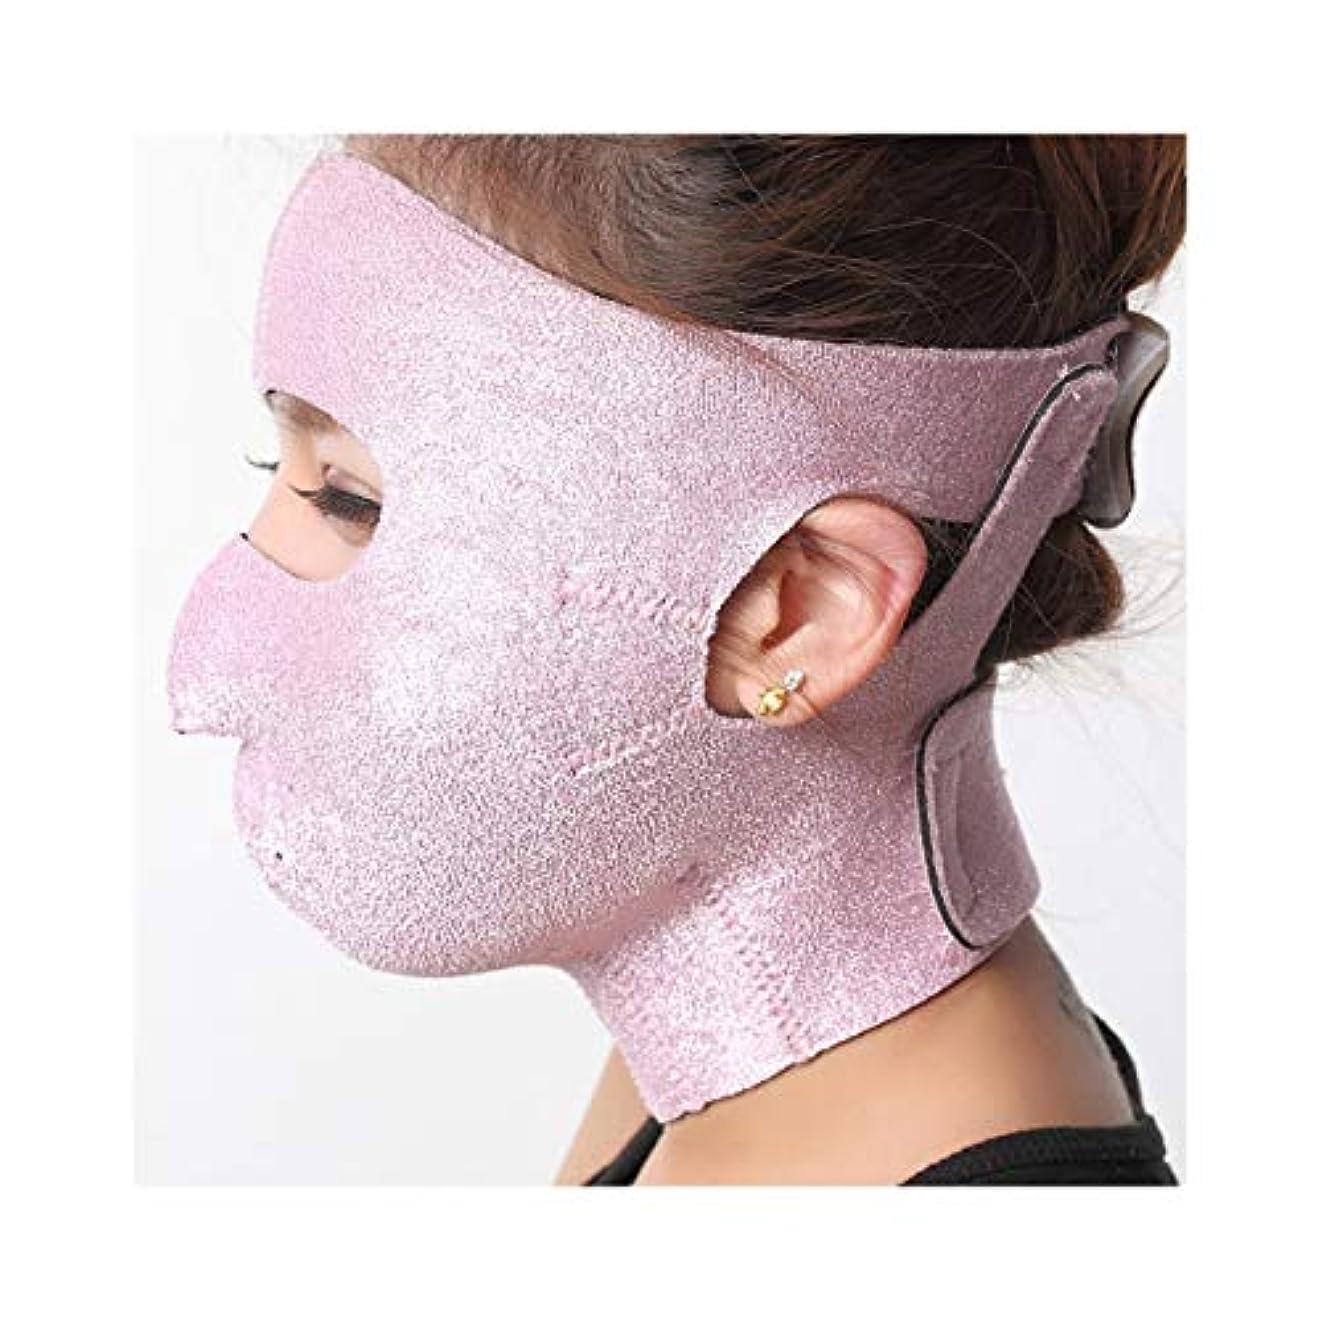 保安病弱マーカーXHLMRMJ 引き締めフェイスマスク、小さなVフェイスアーティファクト睡眠薄いフェイス包帯マスクリフティングマスク引き締めクリームフェイスリフトフェイスメロンフェイス楽器